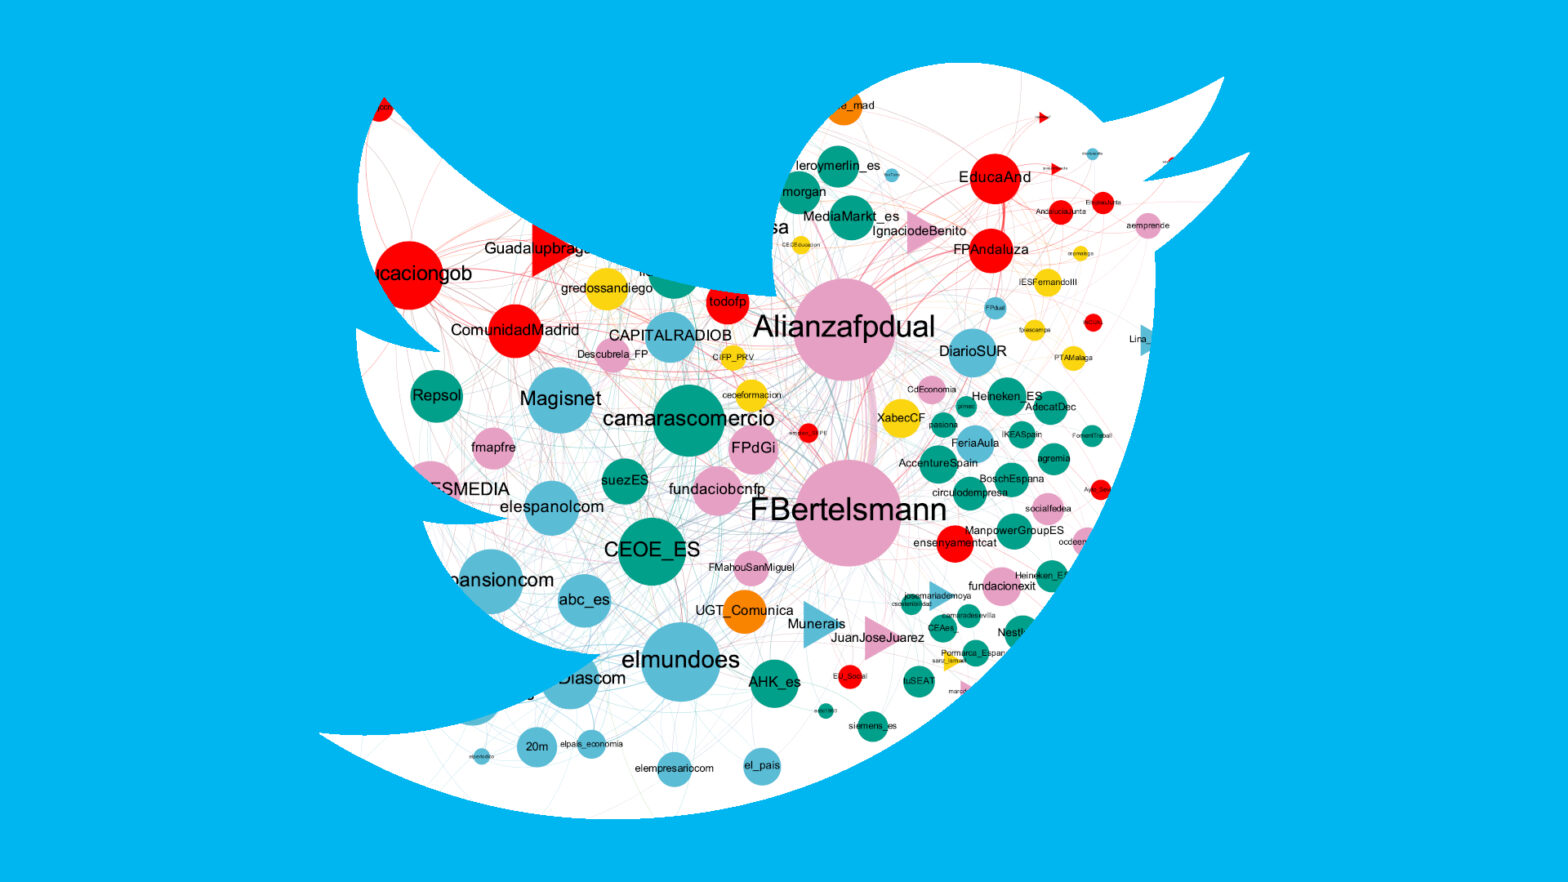 Red de educacion en Twitter